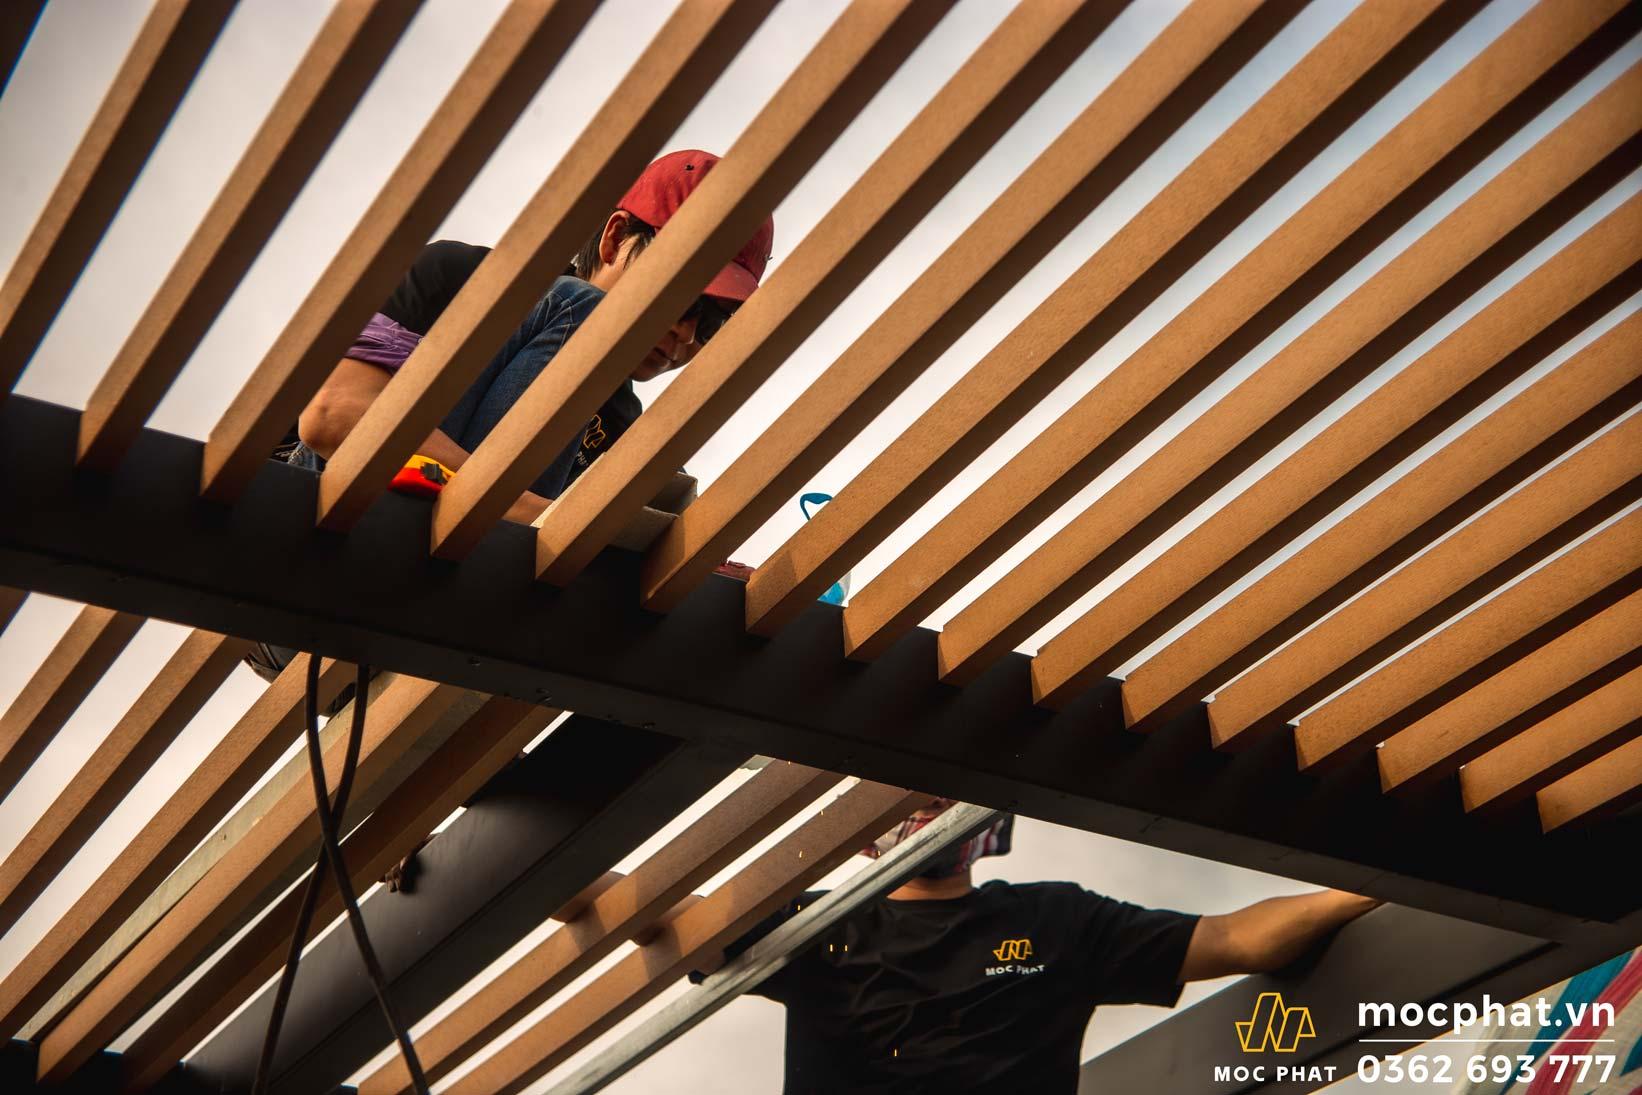 thi công lam chắn nắng bằng gỗ nhựa composite